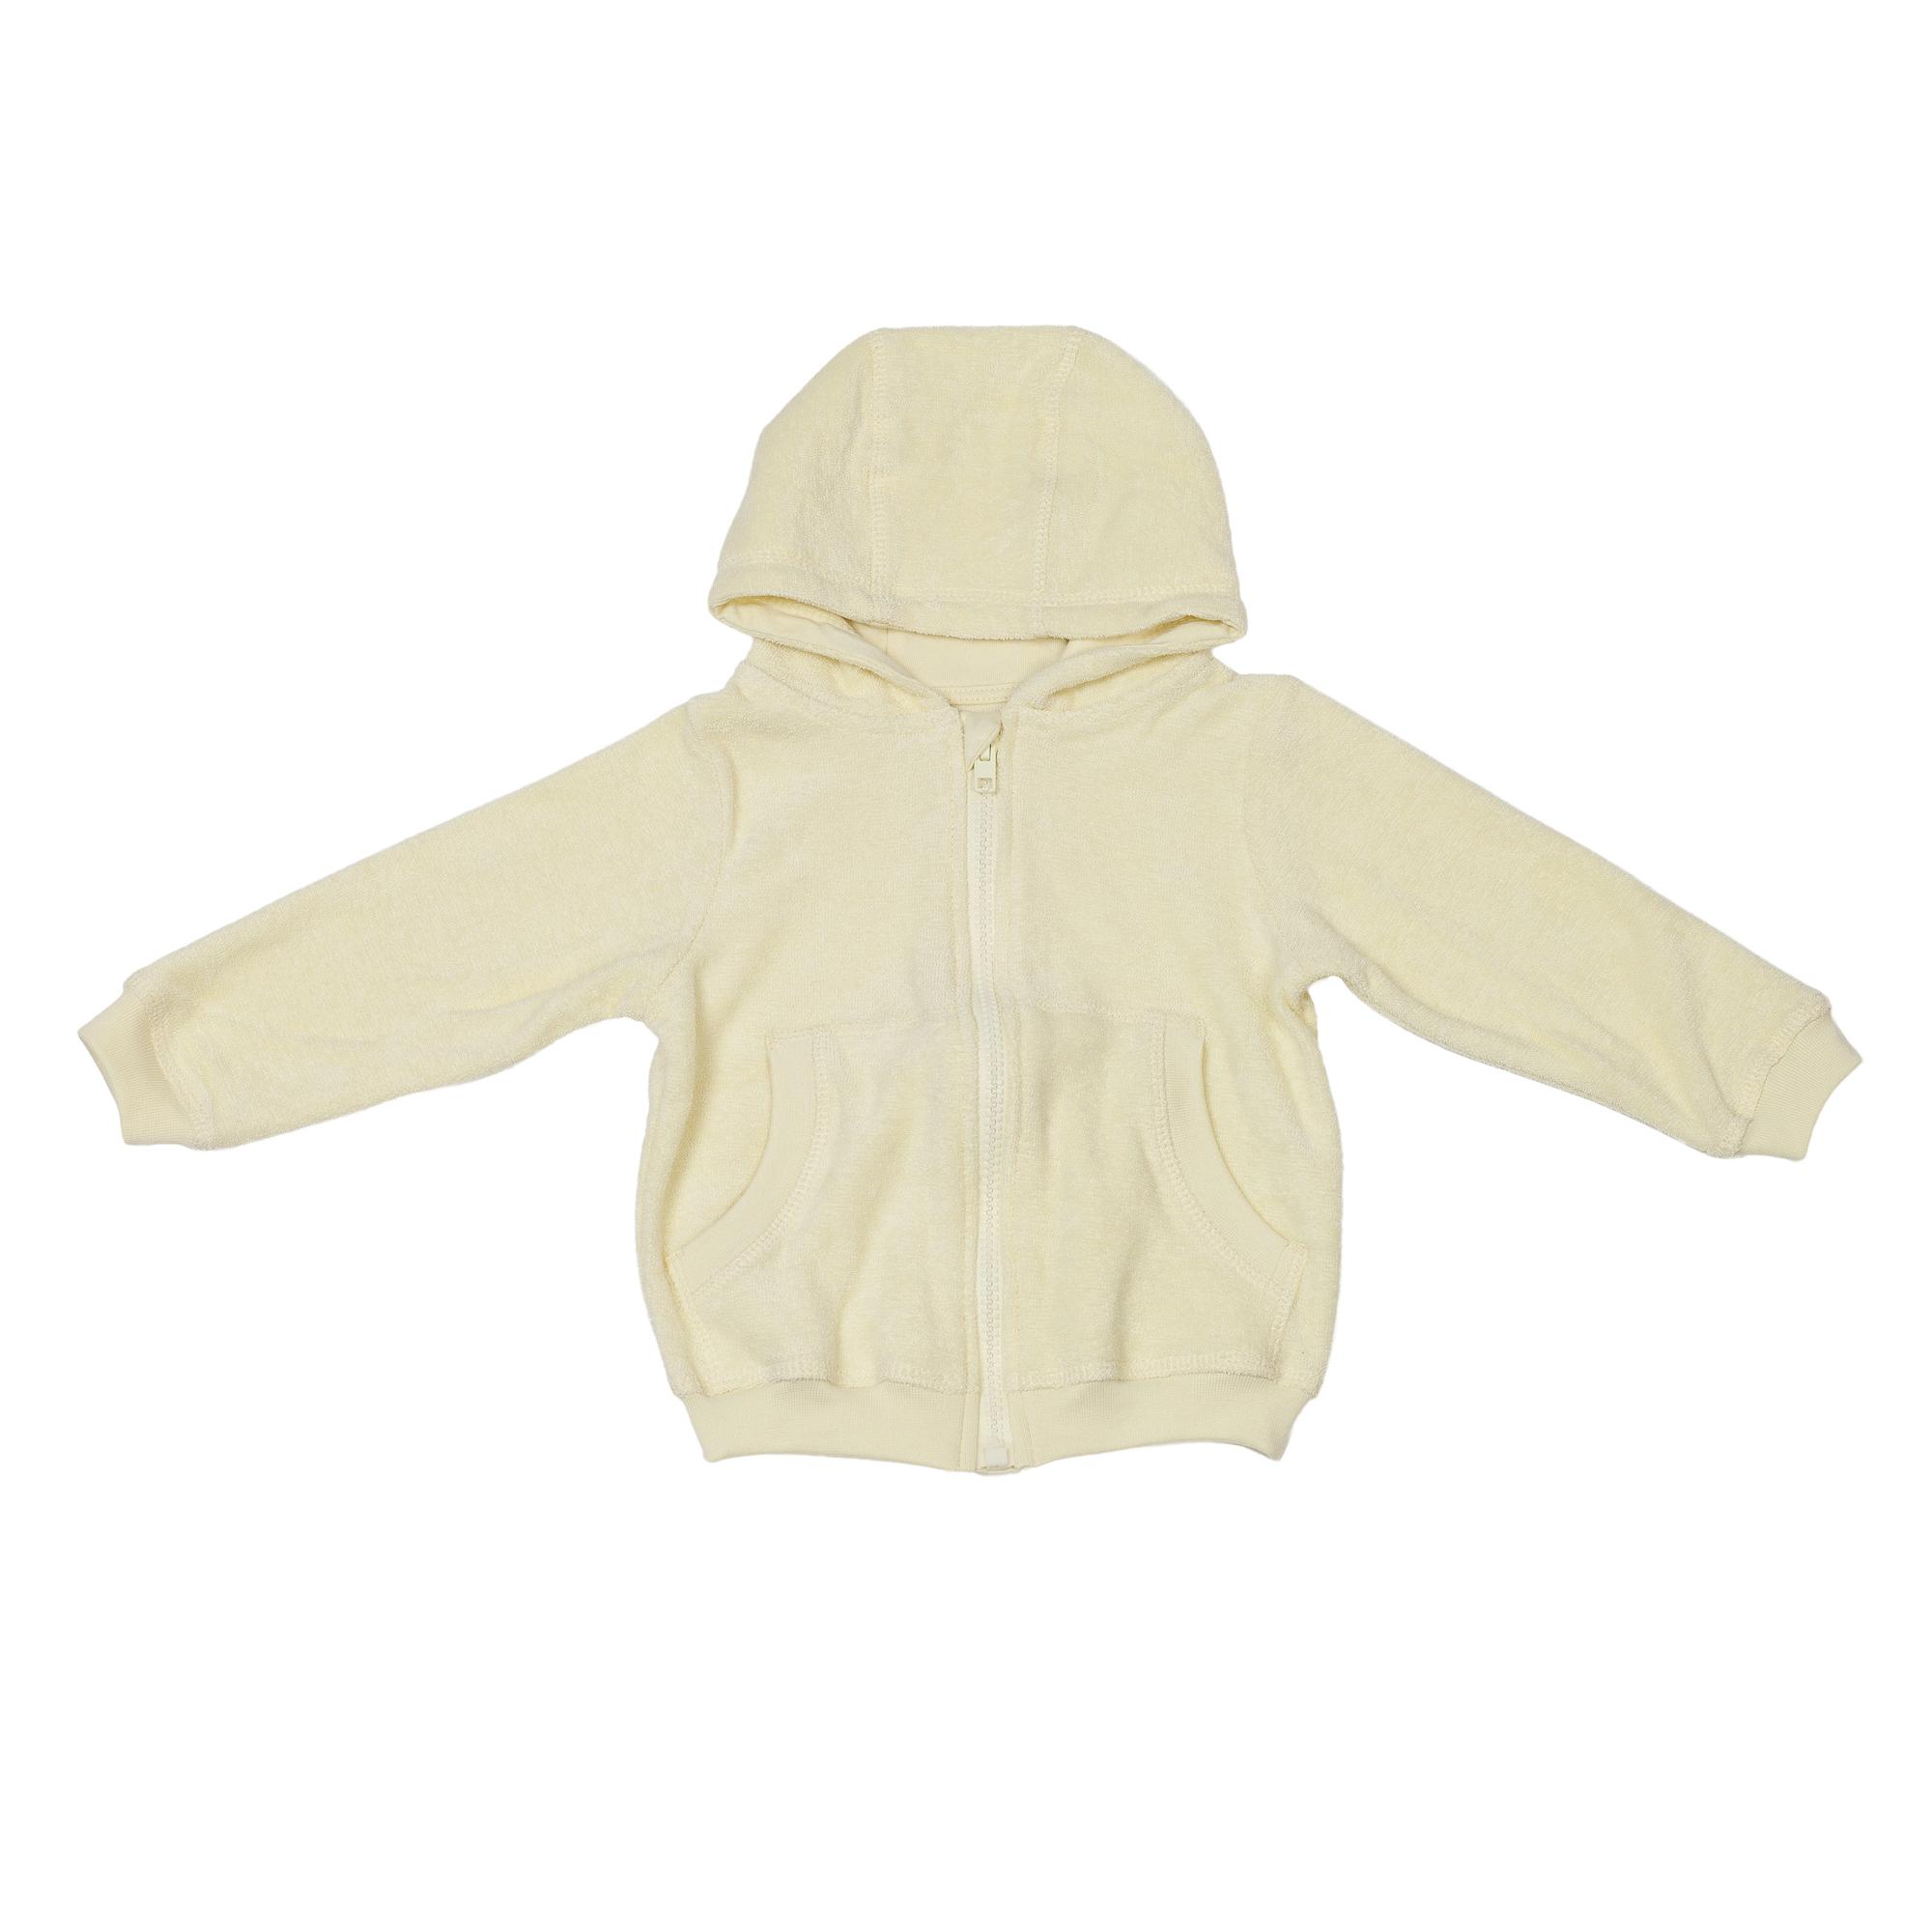 Baby Hooded Jacket Yellow